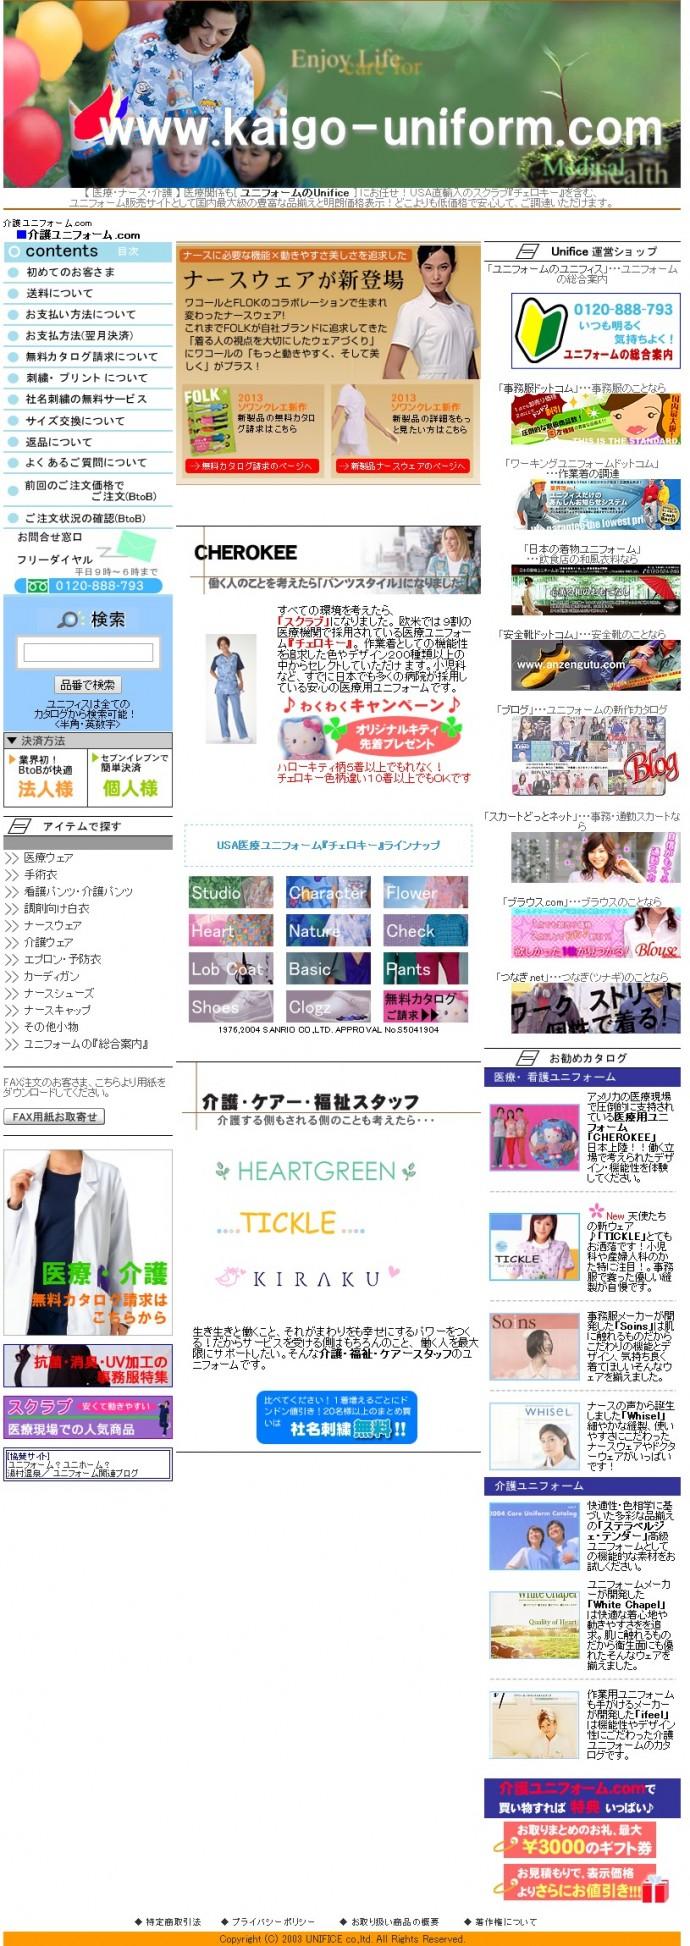 介護ユニフォーム.com